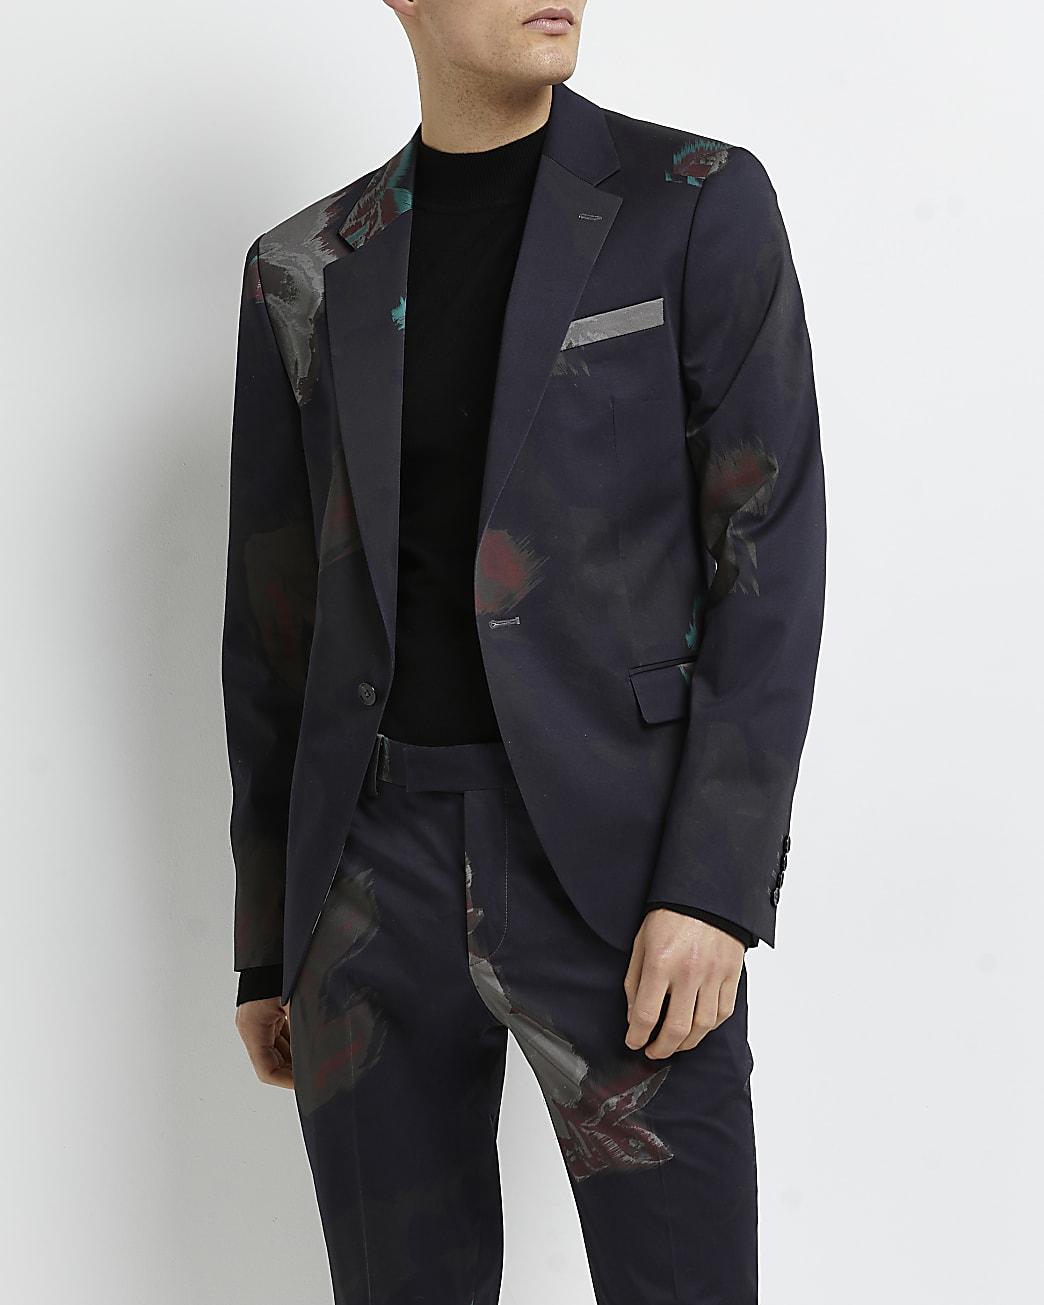 Navy skinny fit floral printed suit jacket